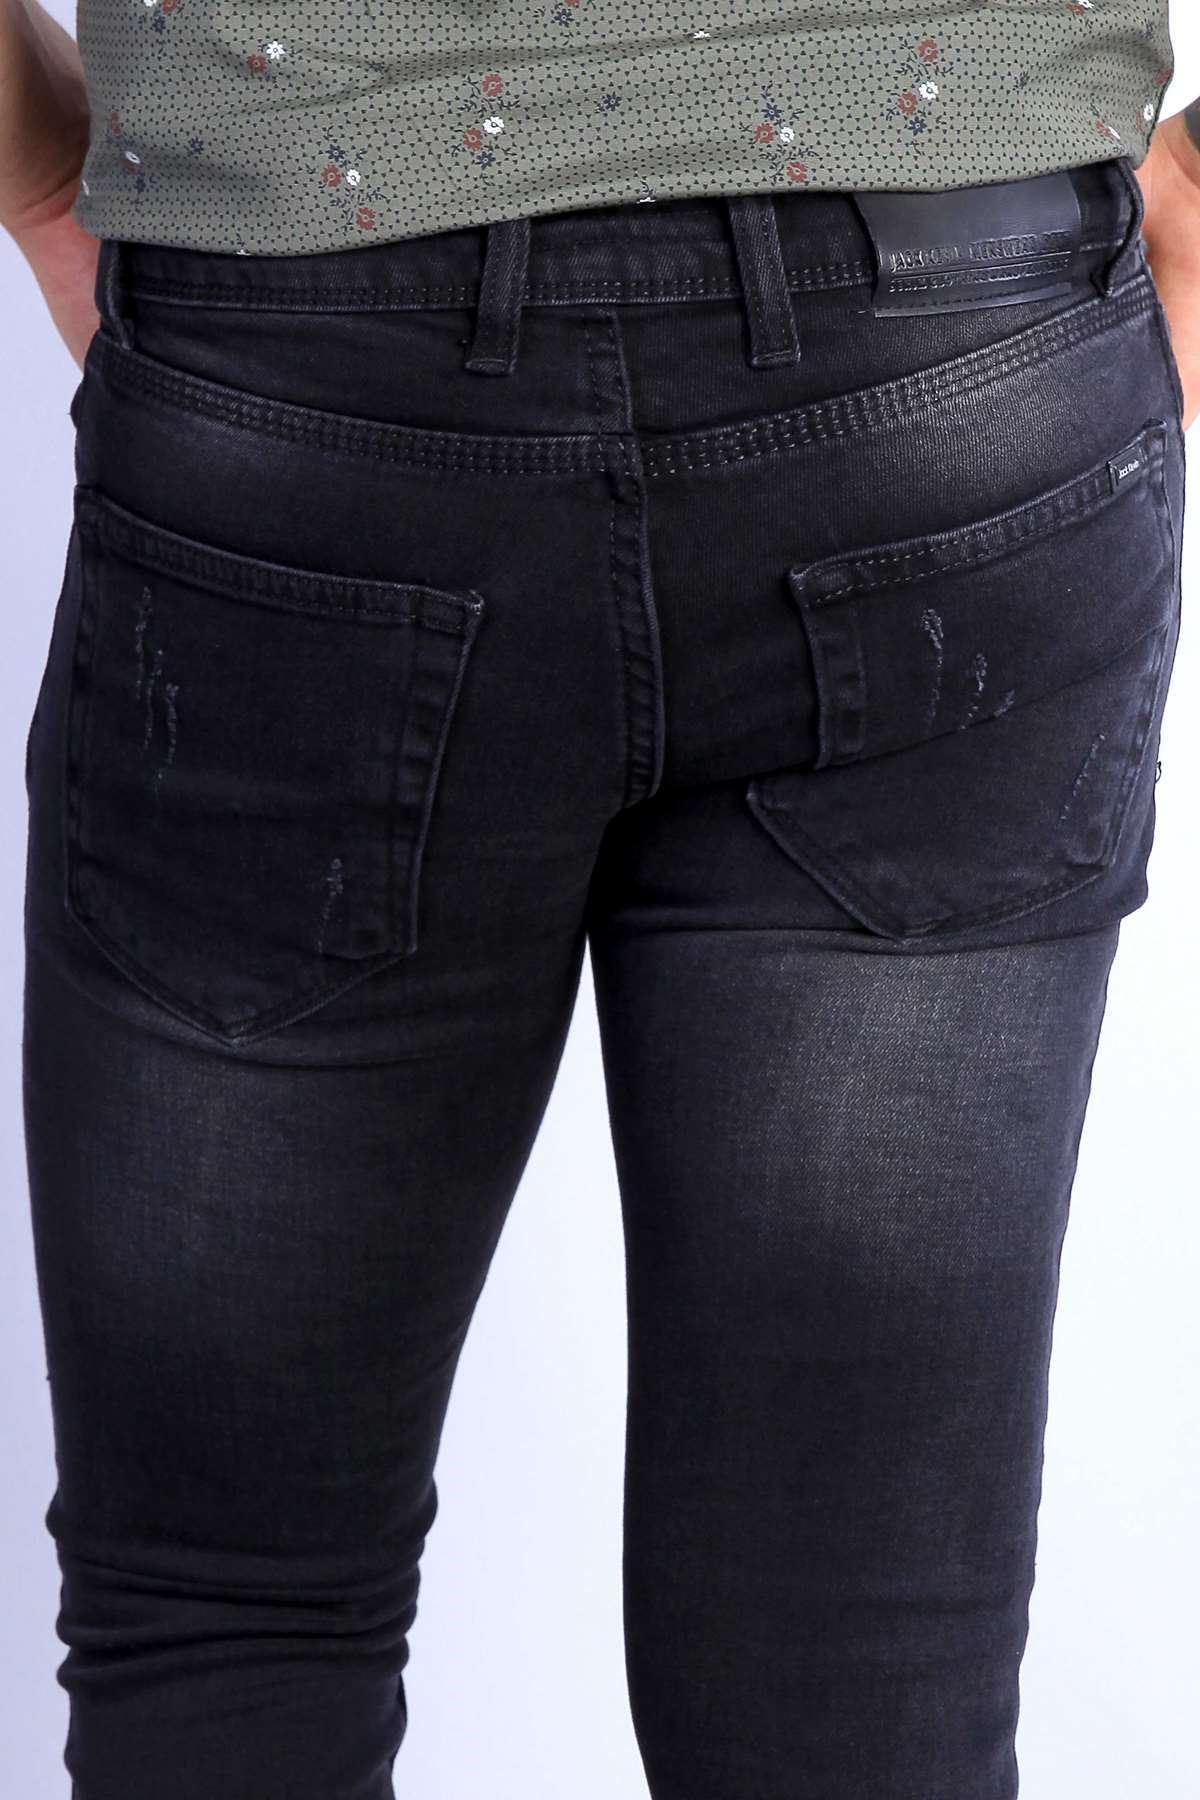 Yıkamalı Lazer Tırtıklı Klinkırlı Taşlamalı Slim Fit Kot Pantolon Siyah